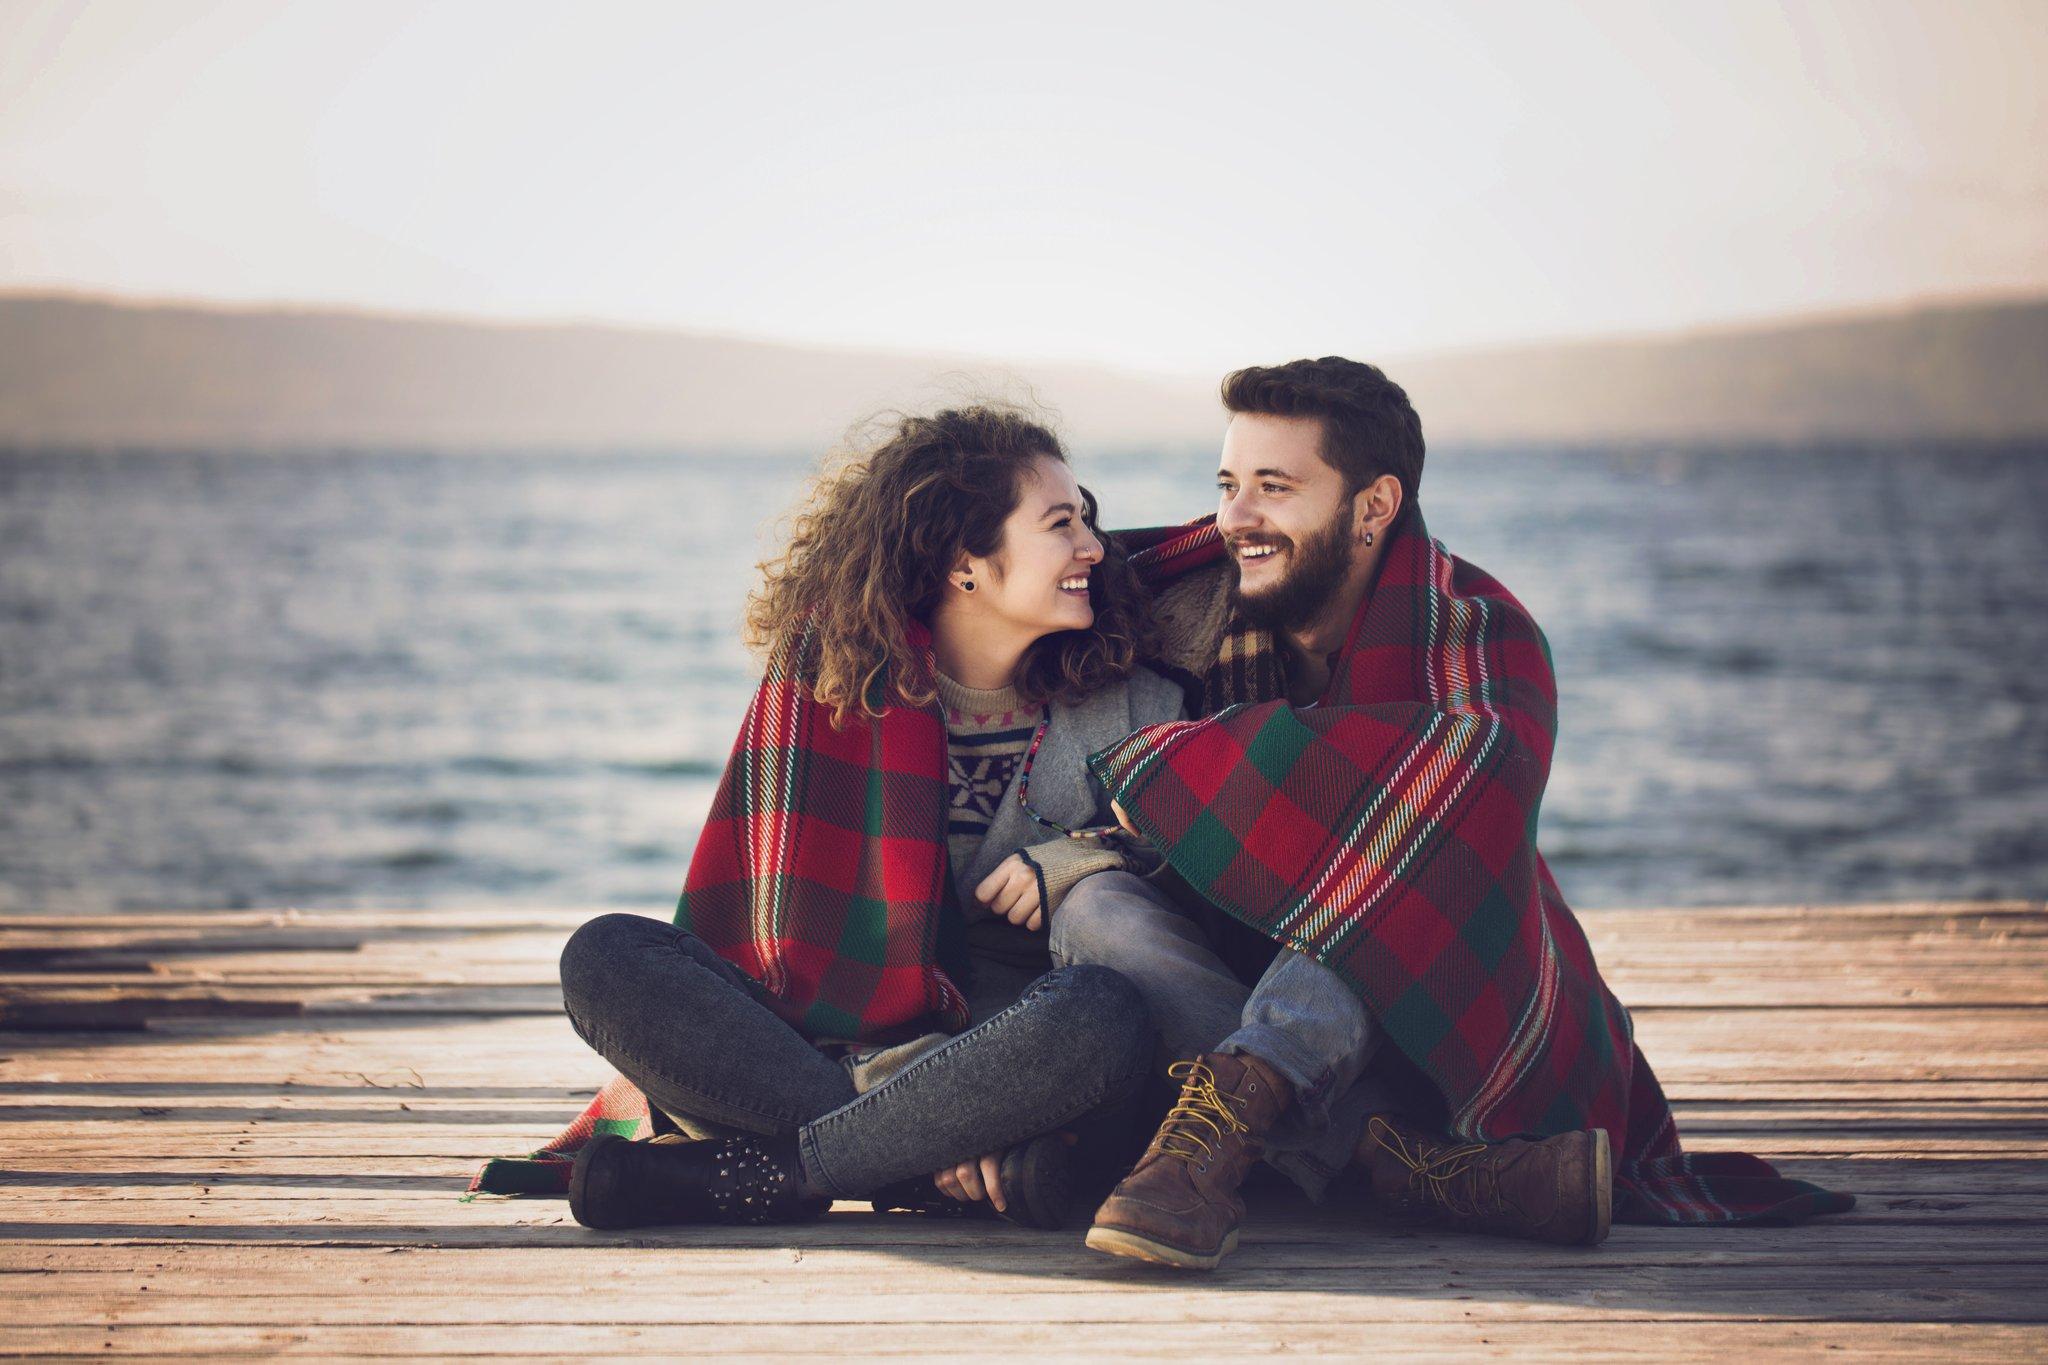 بالصور صور رومانسيه للعشاق , صور تعبر عن الحب والشغف بين العشاق 3283 9